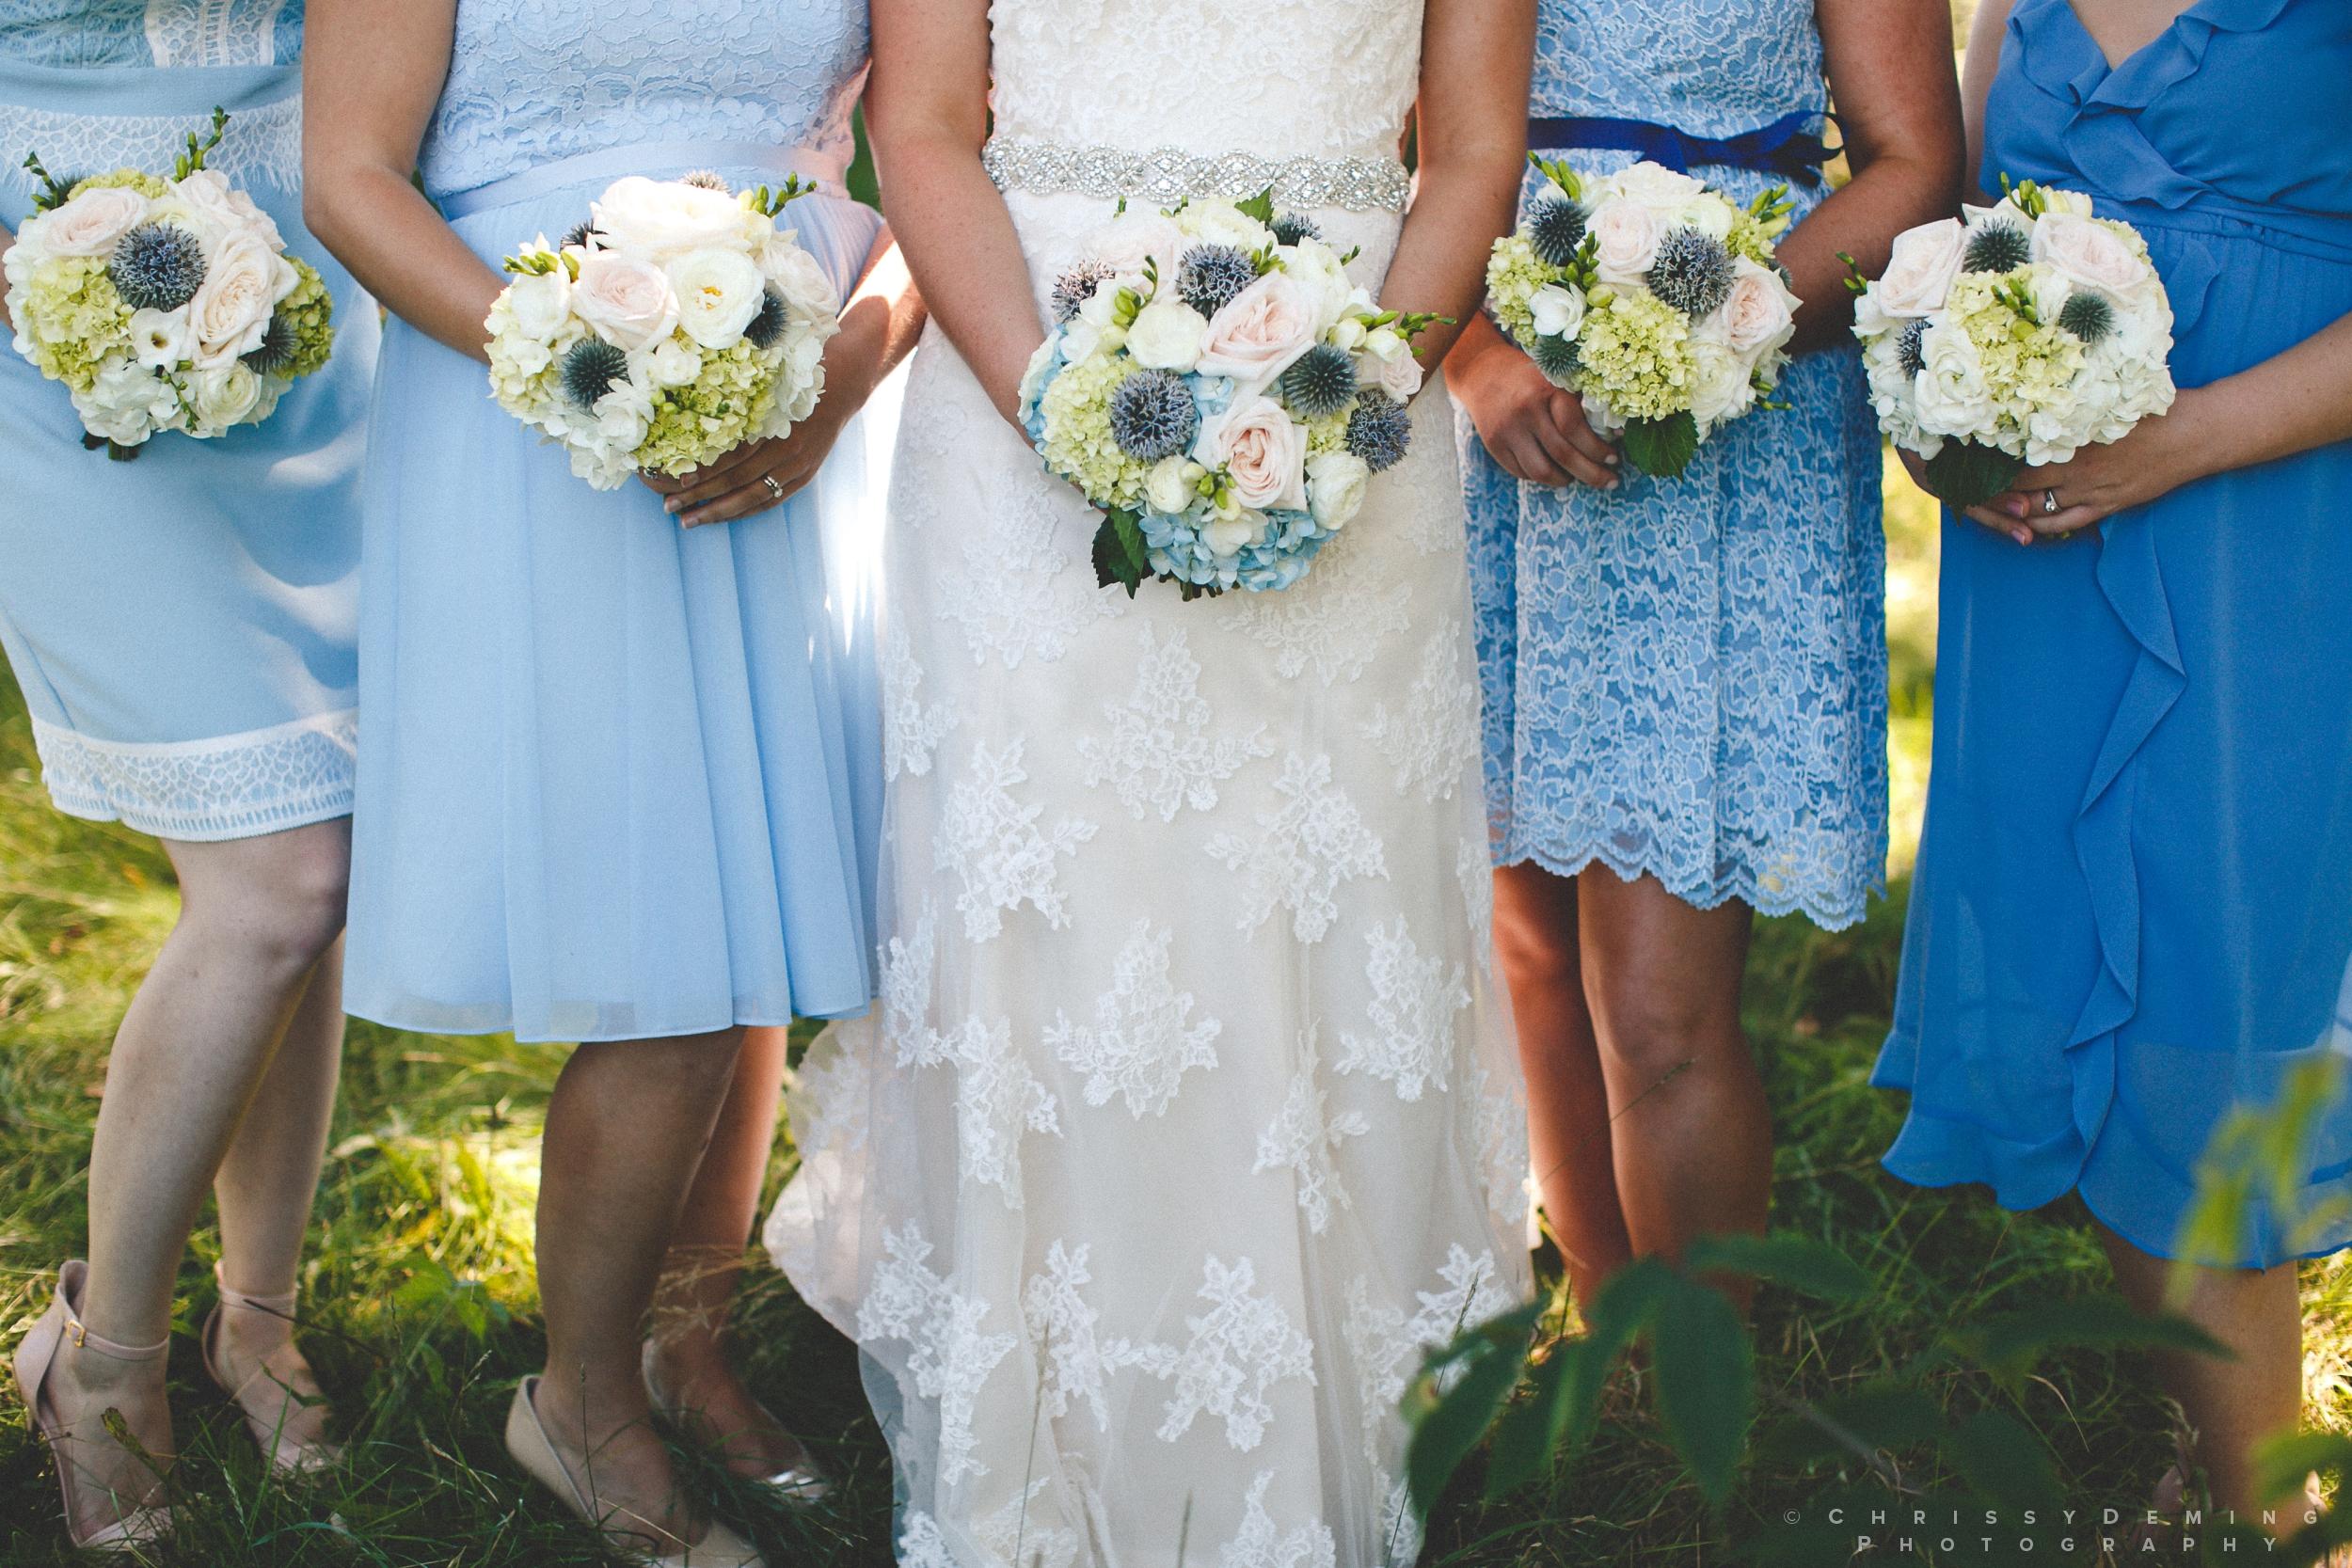 salvatores_chicago_ wedding_photographer_0021.jpg